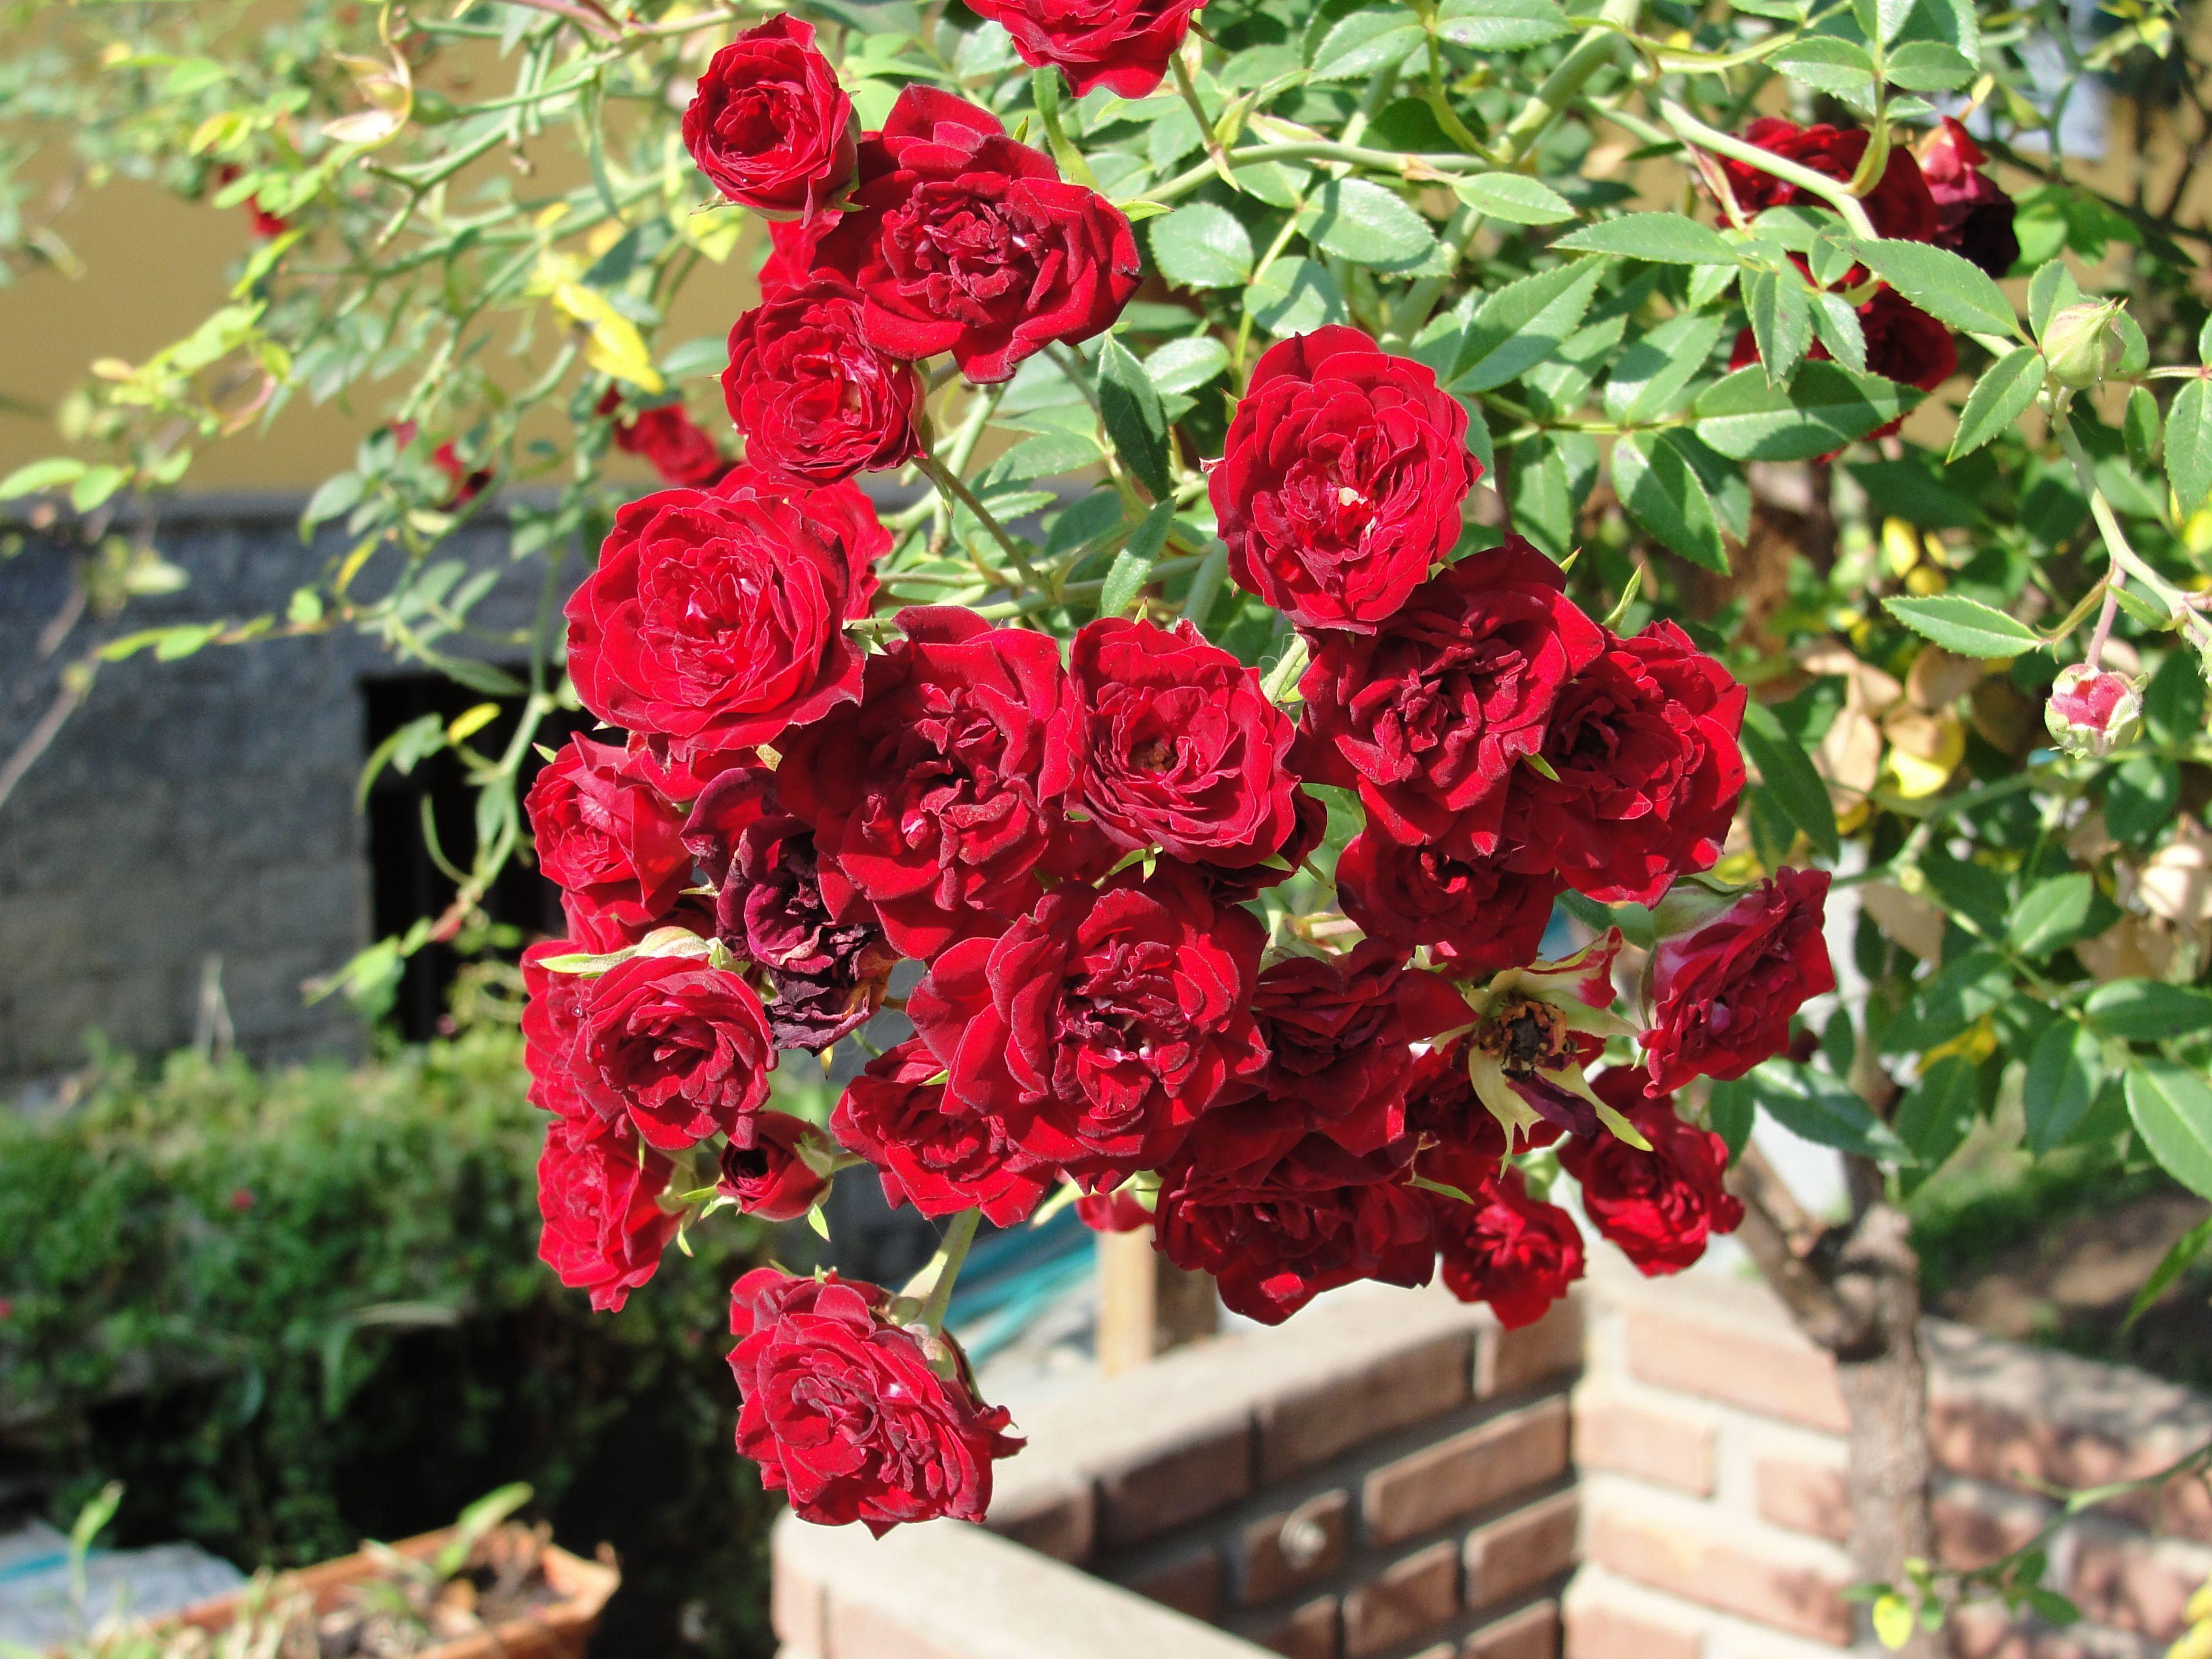 Esta Linda Roseira Trepadeira Vive Carregada De Flores Rosas Trepadeiras Roseiras Rosas